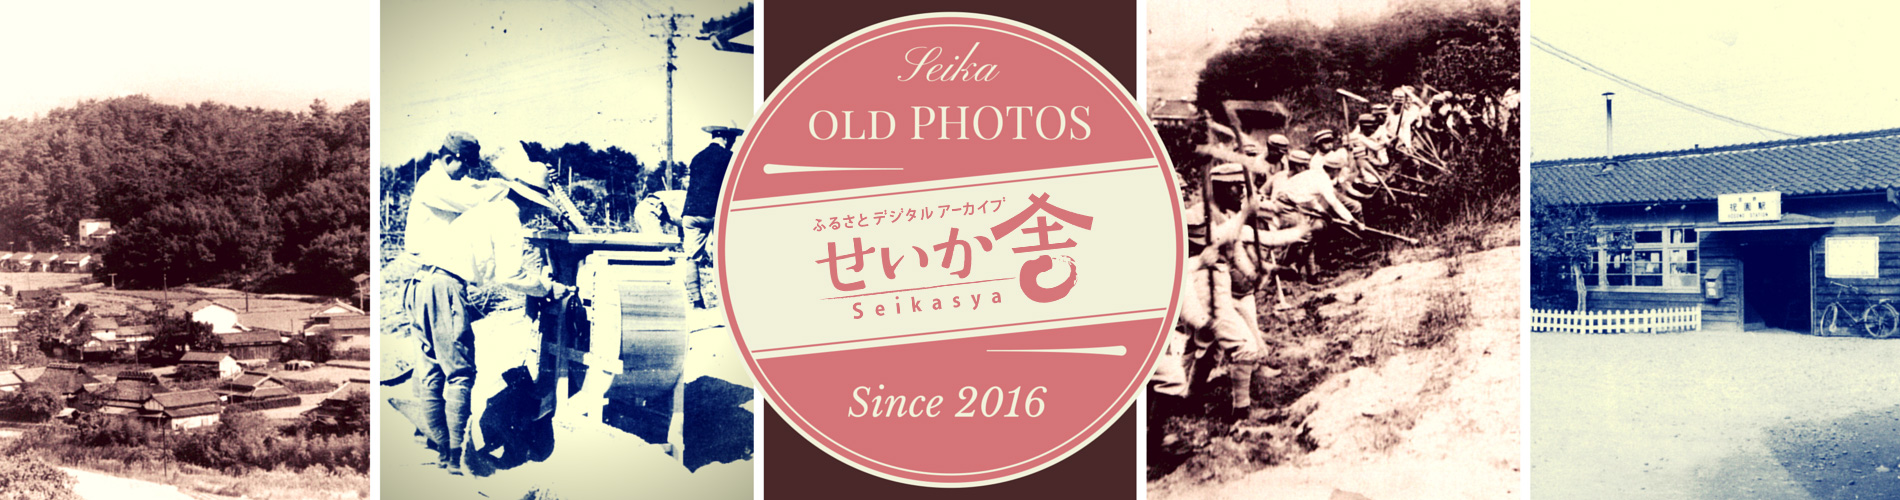 【せいか舎】昔の写真